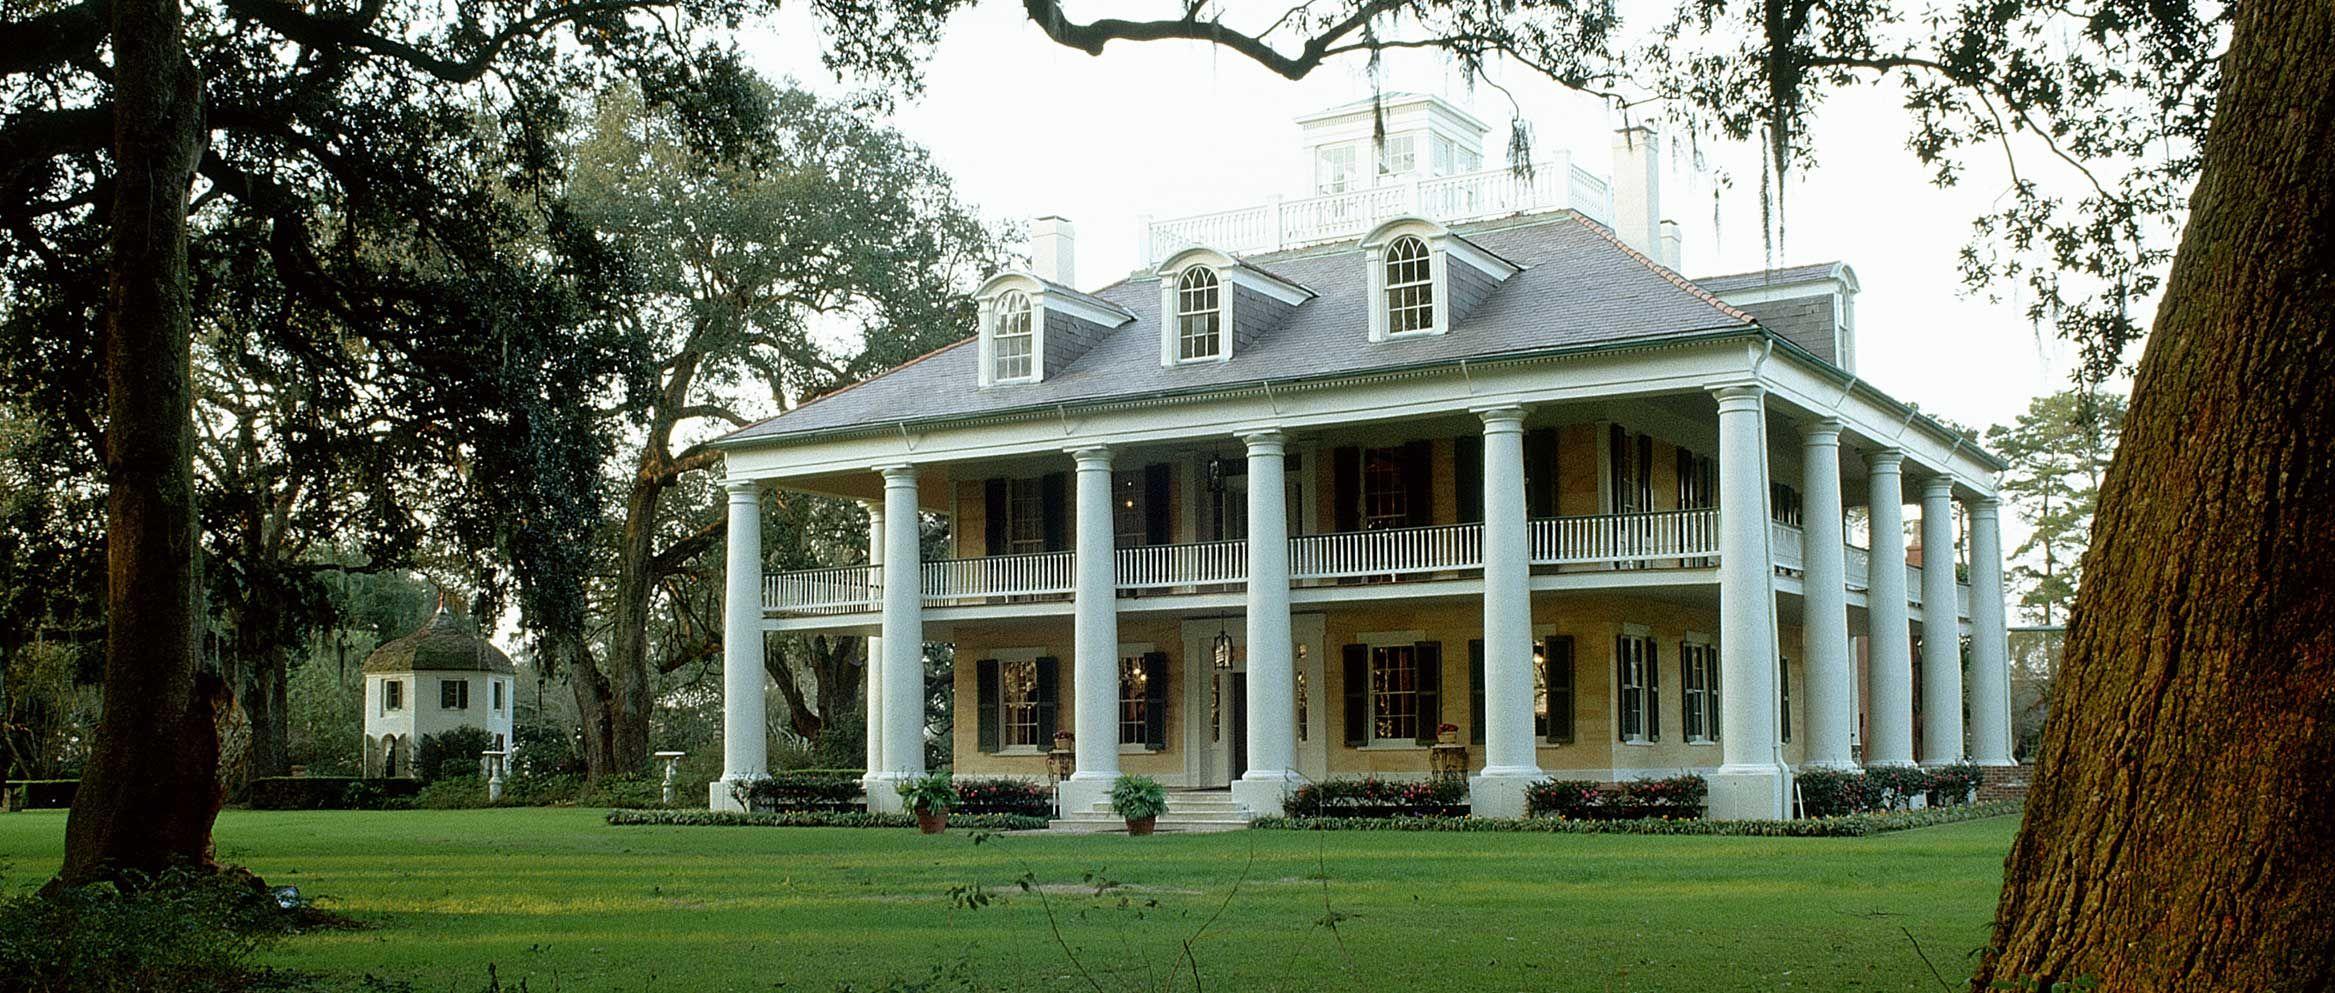 Houmas House Antebellum Plantation Home Architecture